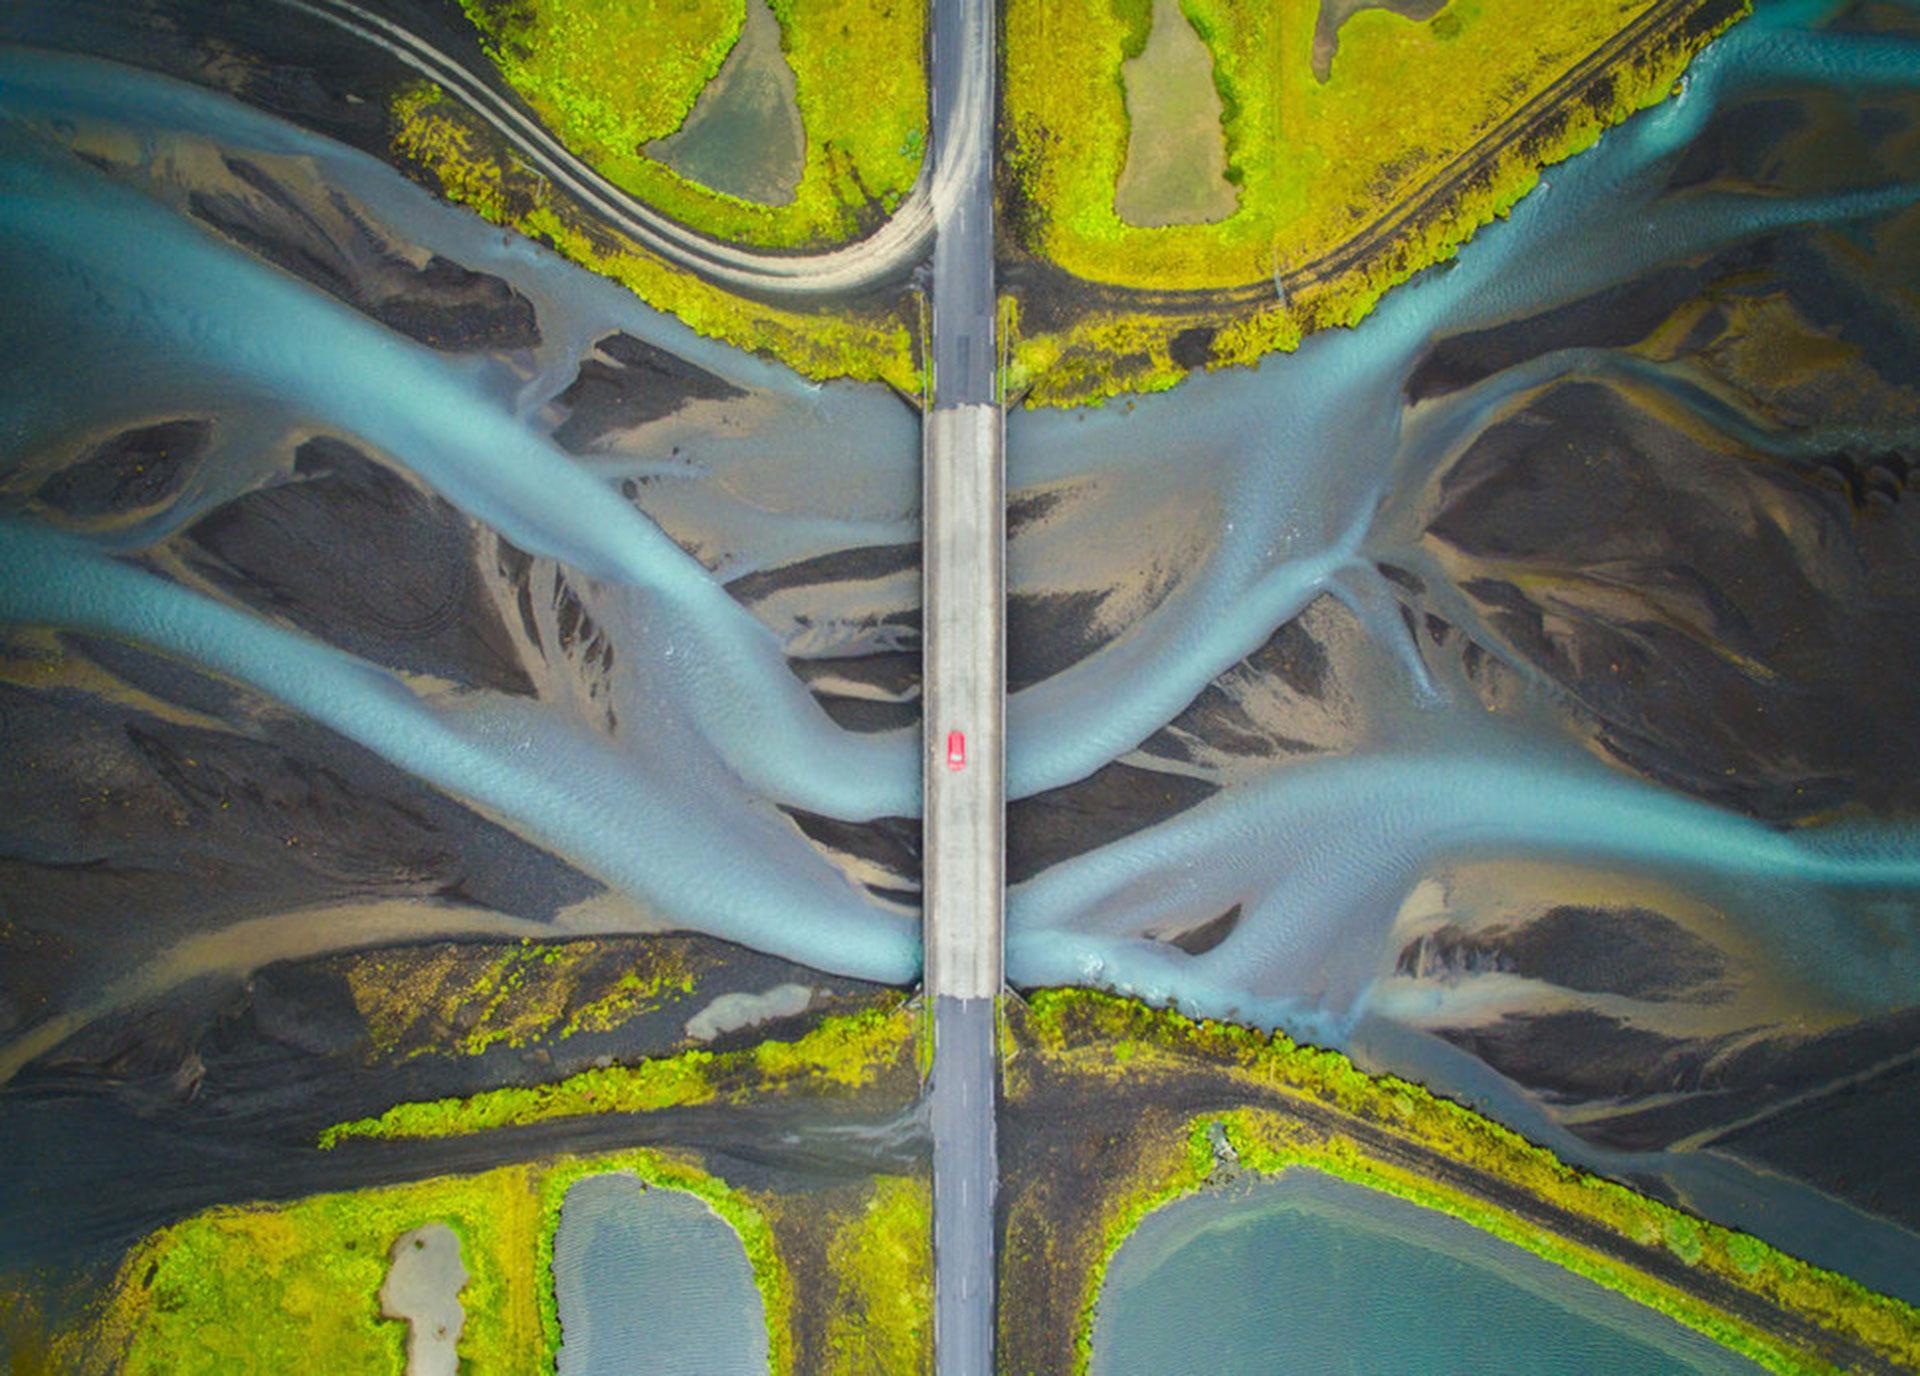 """Competencia """"Abierto"""" – Categoría """"Viajes"""": vista aérea del río Glacial en Islandia (Gentileza Sony World Photography Awards)"""